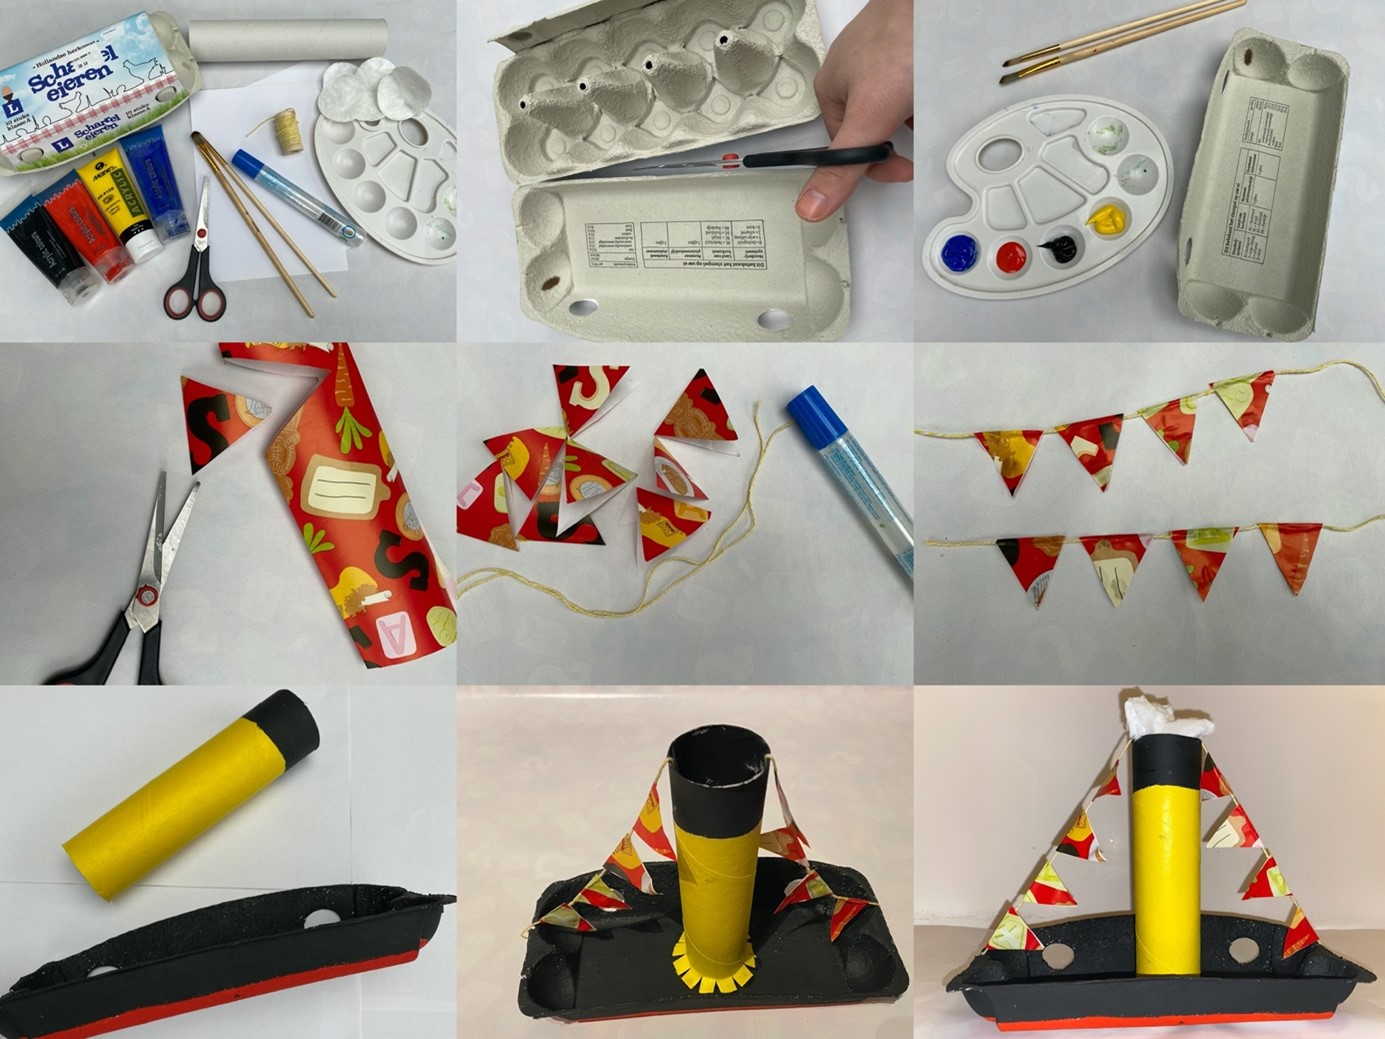 Stappen uitgelegd om met papier, eierdoos, verf, touw en karton een stoomboot te kunnen maken